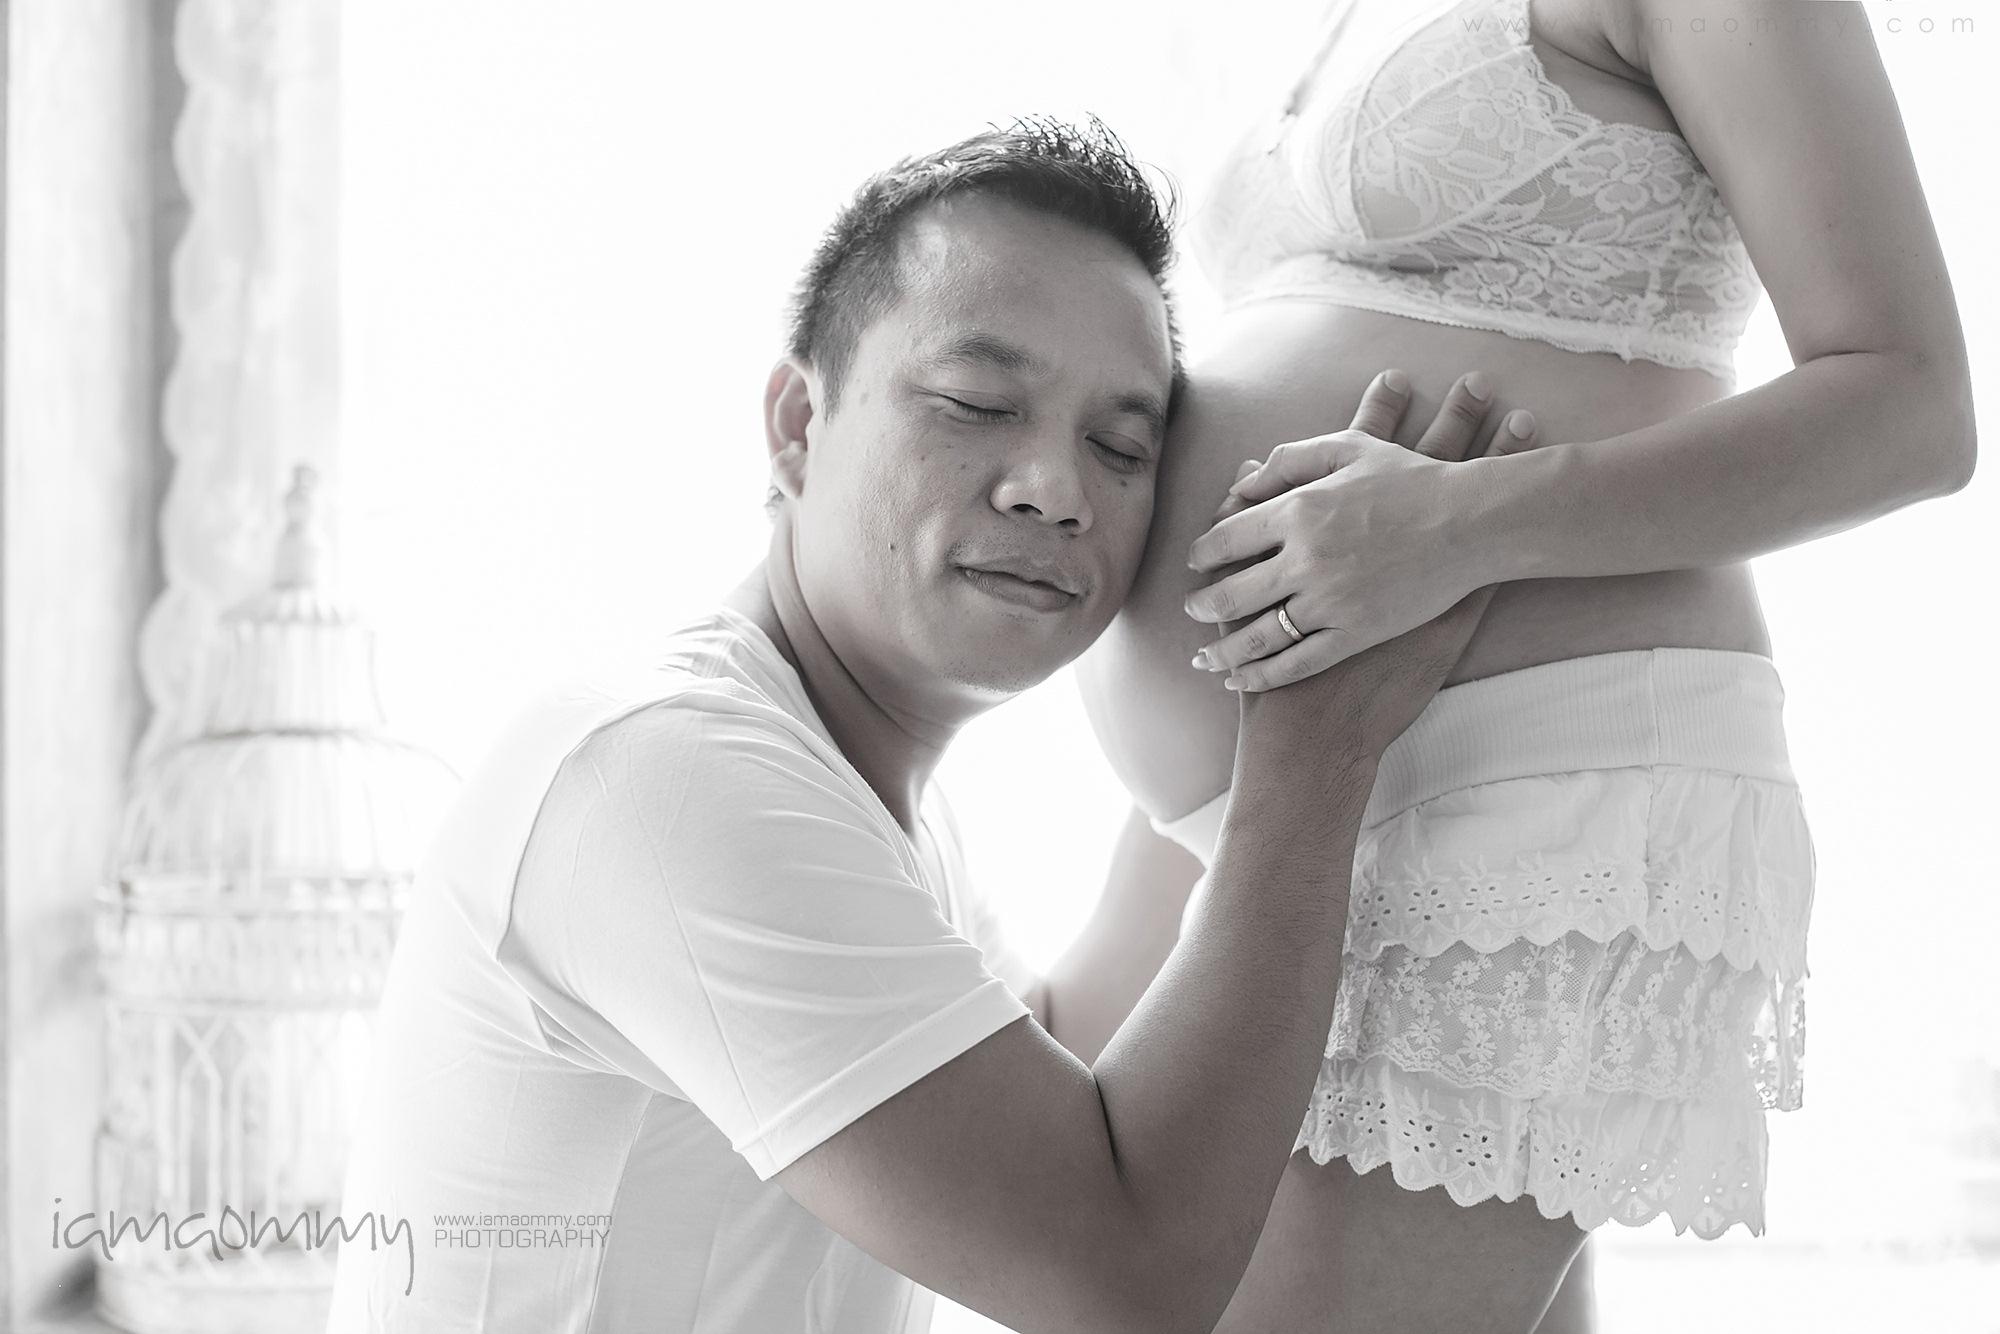 ถ่ายรูปคุณแม่ตั้งครรภ์_IMG_6502